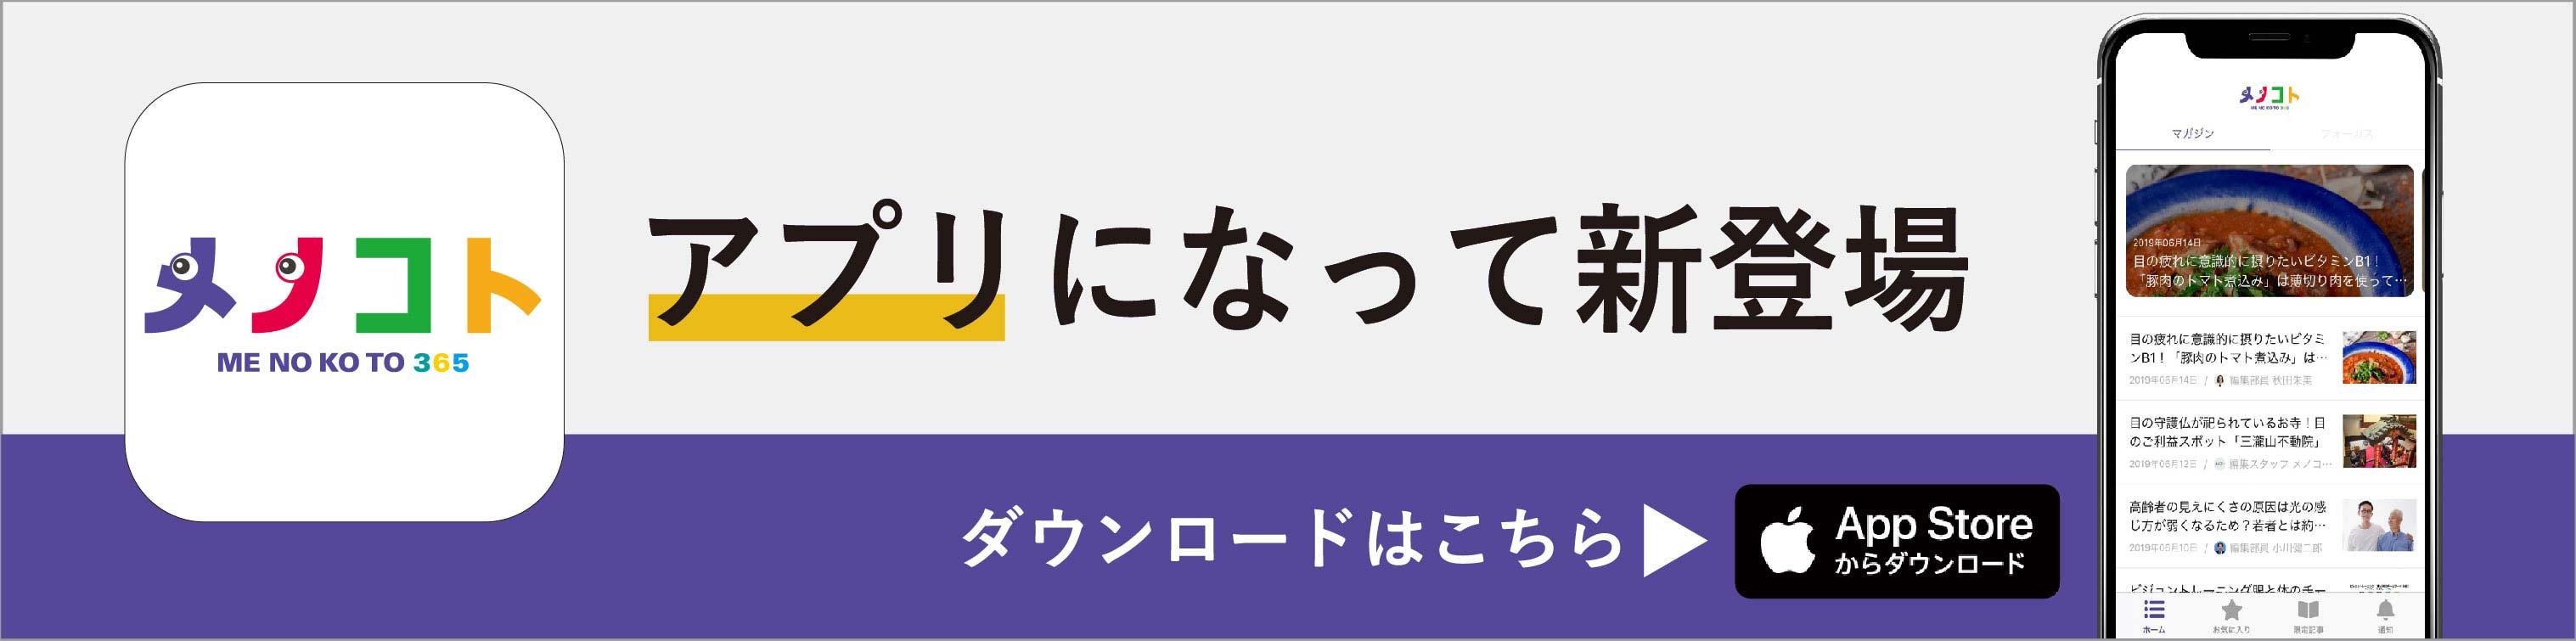 メノコト365アプリ新登場